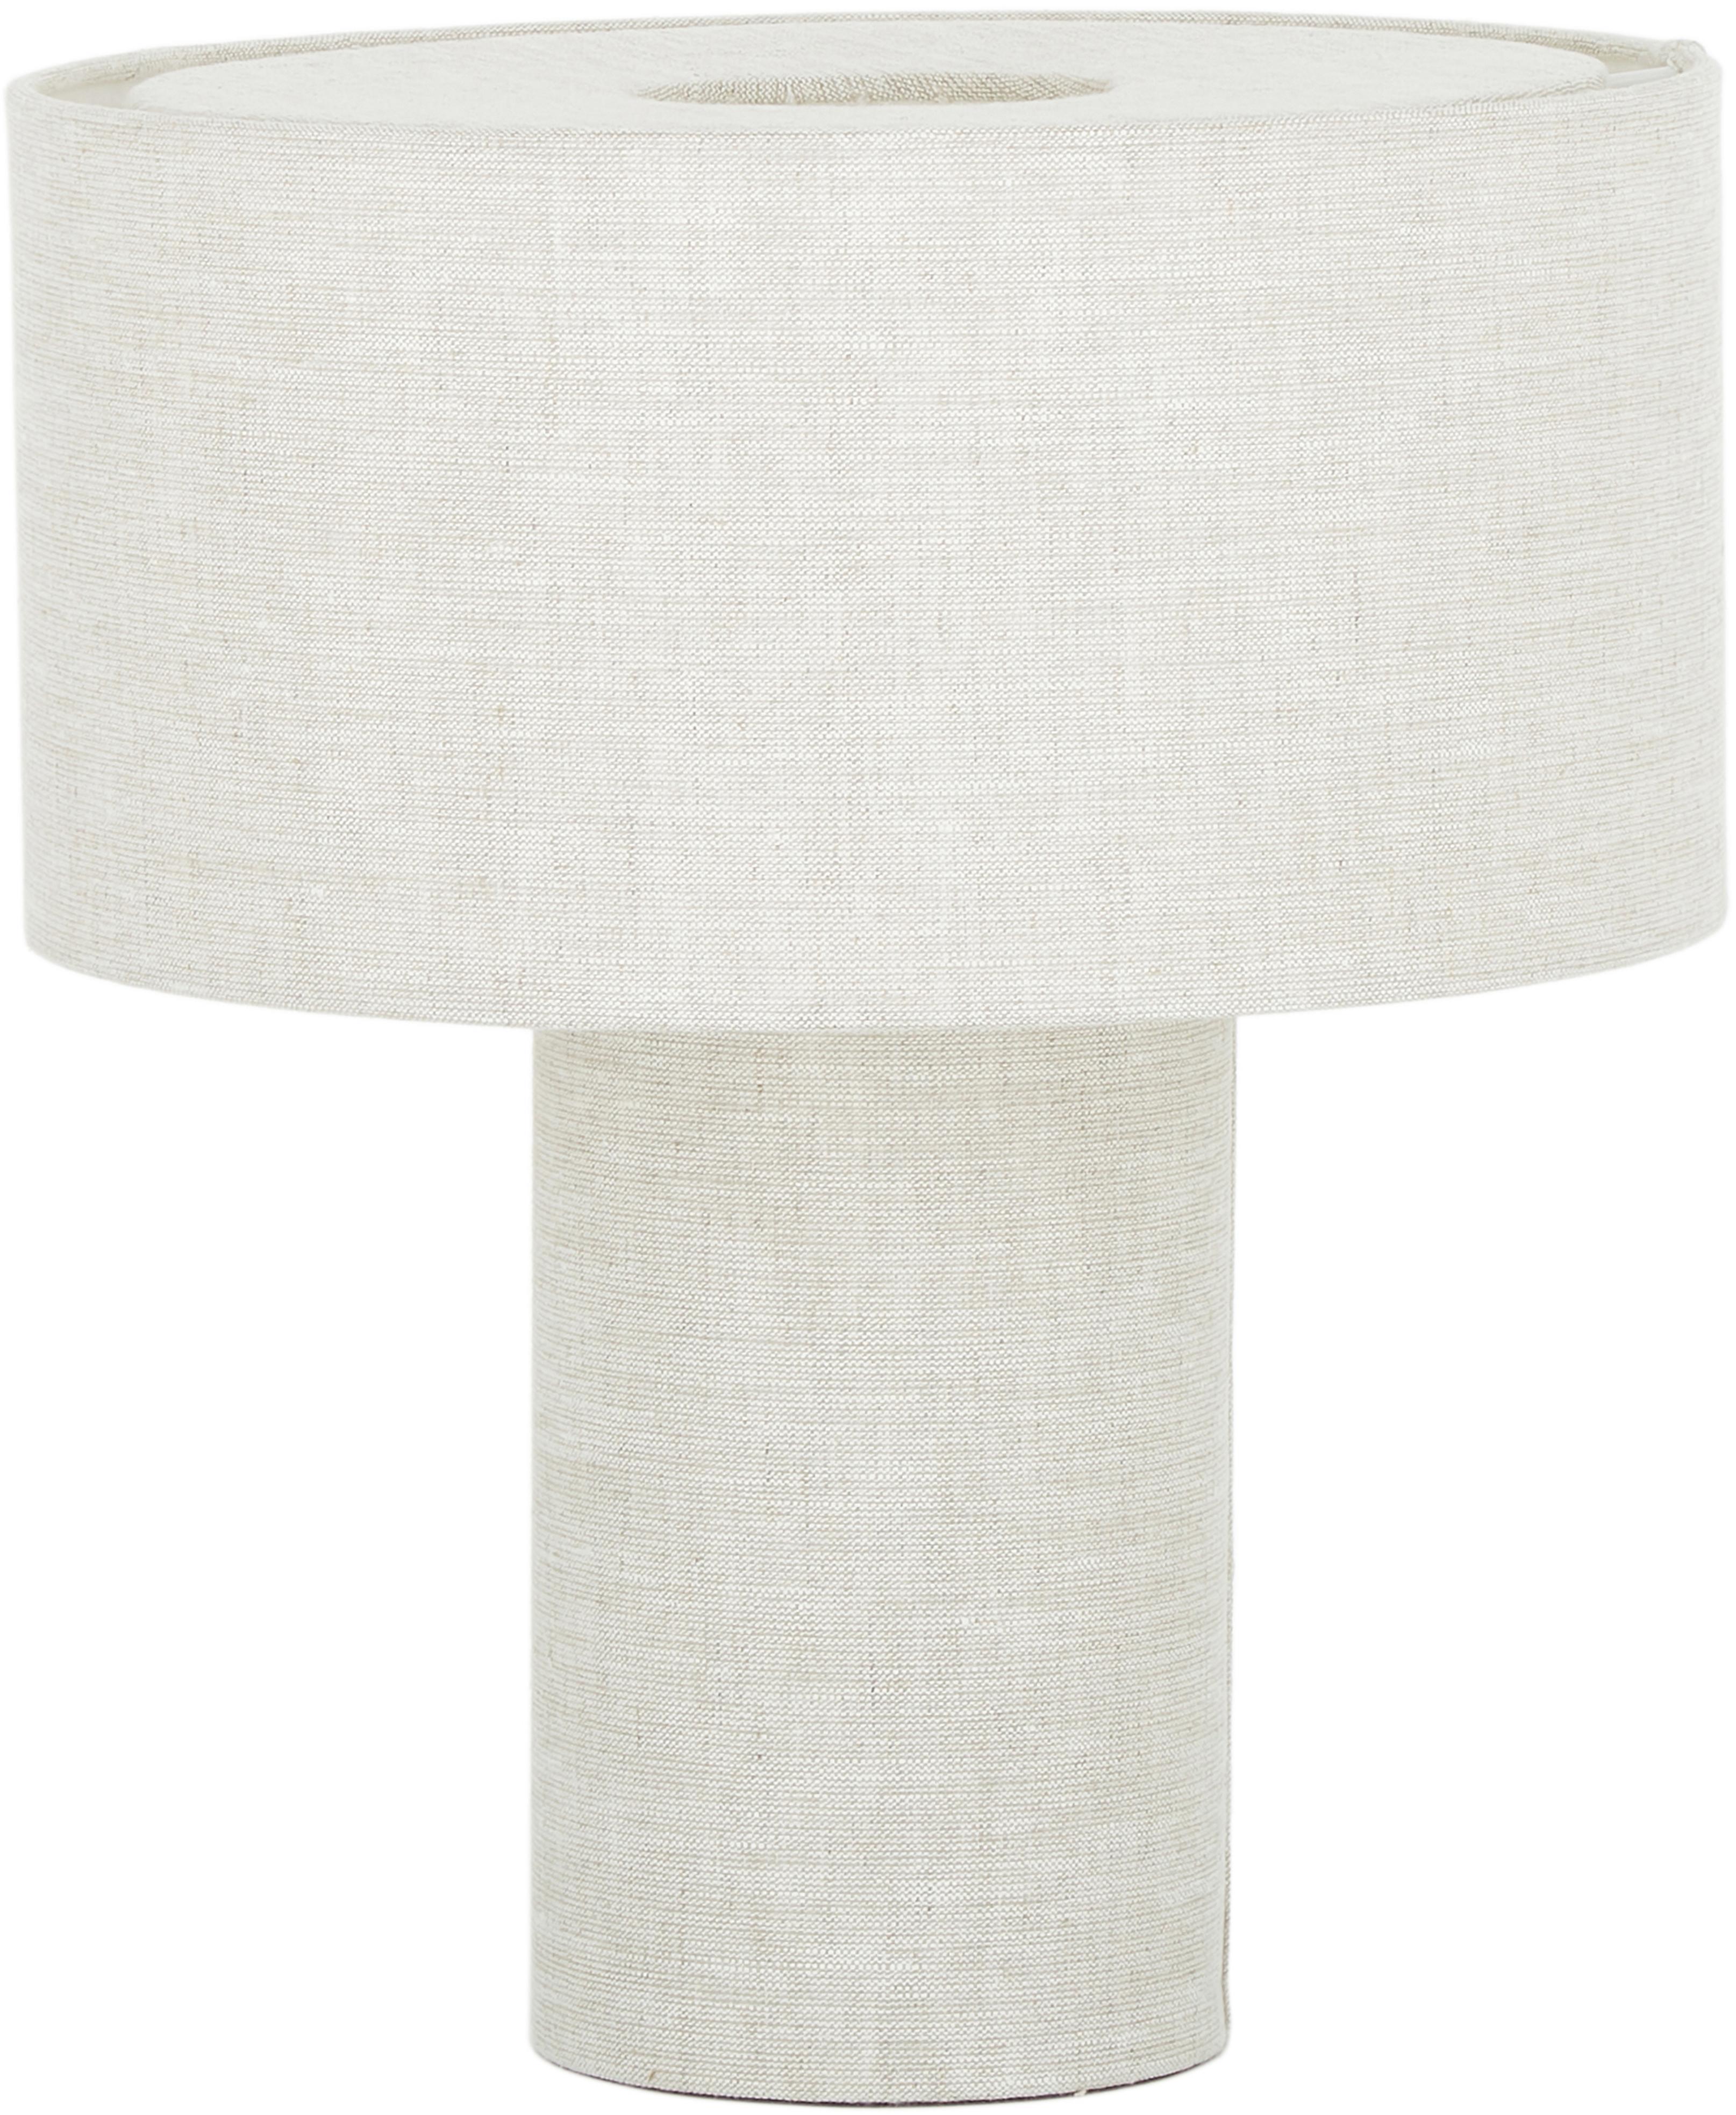 Tischlampe Ron aus Stoff, Lampenschirm: Textil, Lampenfuß: Textil, Beige, Ø 30 x H 35 cm